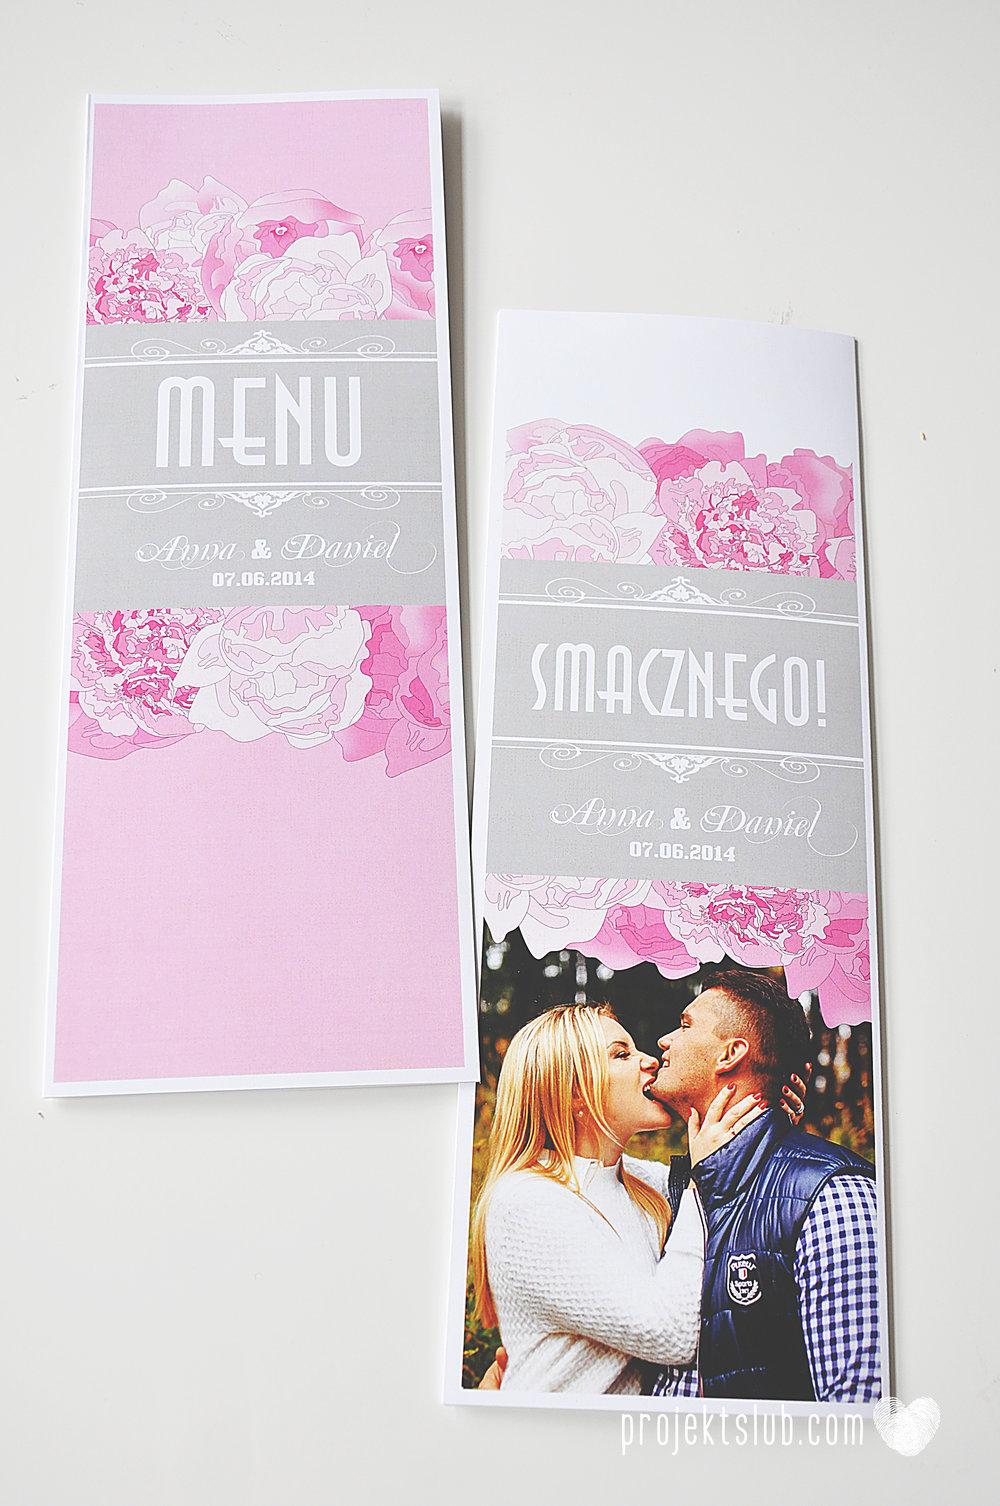 Zaproszenia poczuj miętę z motywem młodej pary buty ślubne hobby grafiki zdjęcia szary róż dodatki weselne zawieszki menu papetria projekt ślub (27).jpg